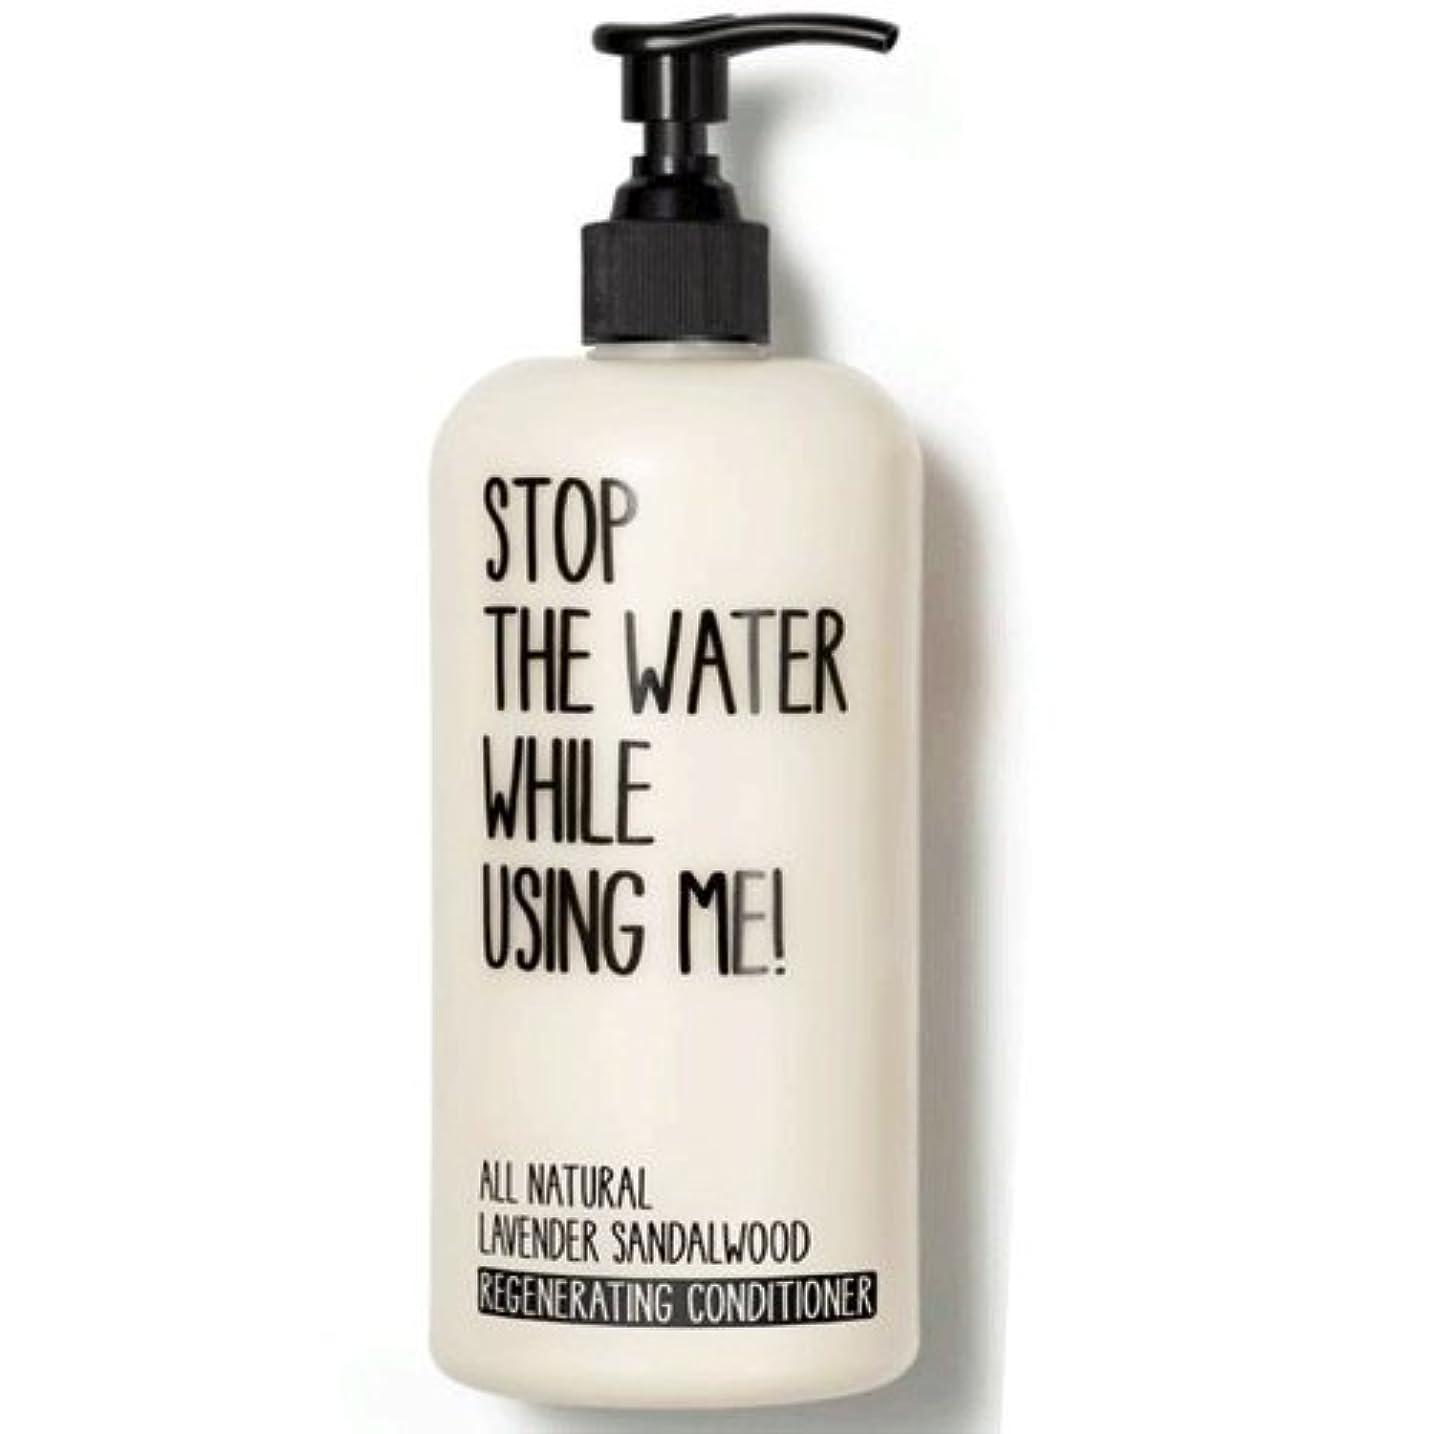 ヶ月目大通りプロフェッショナル【STOP THE WATER WHILE USING ME!】L&Sコンディショナー (ラベンダー&サンダルウッド) 500ml [並行輸入品]